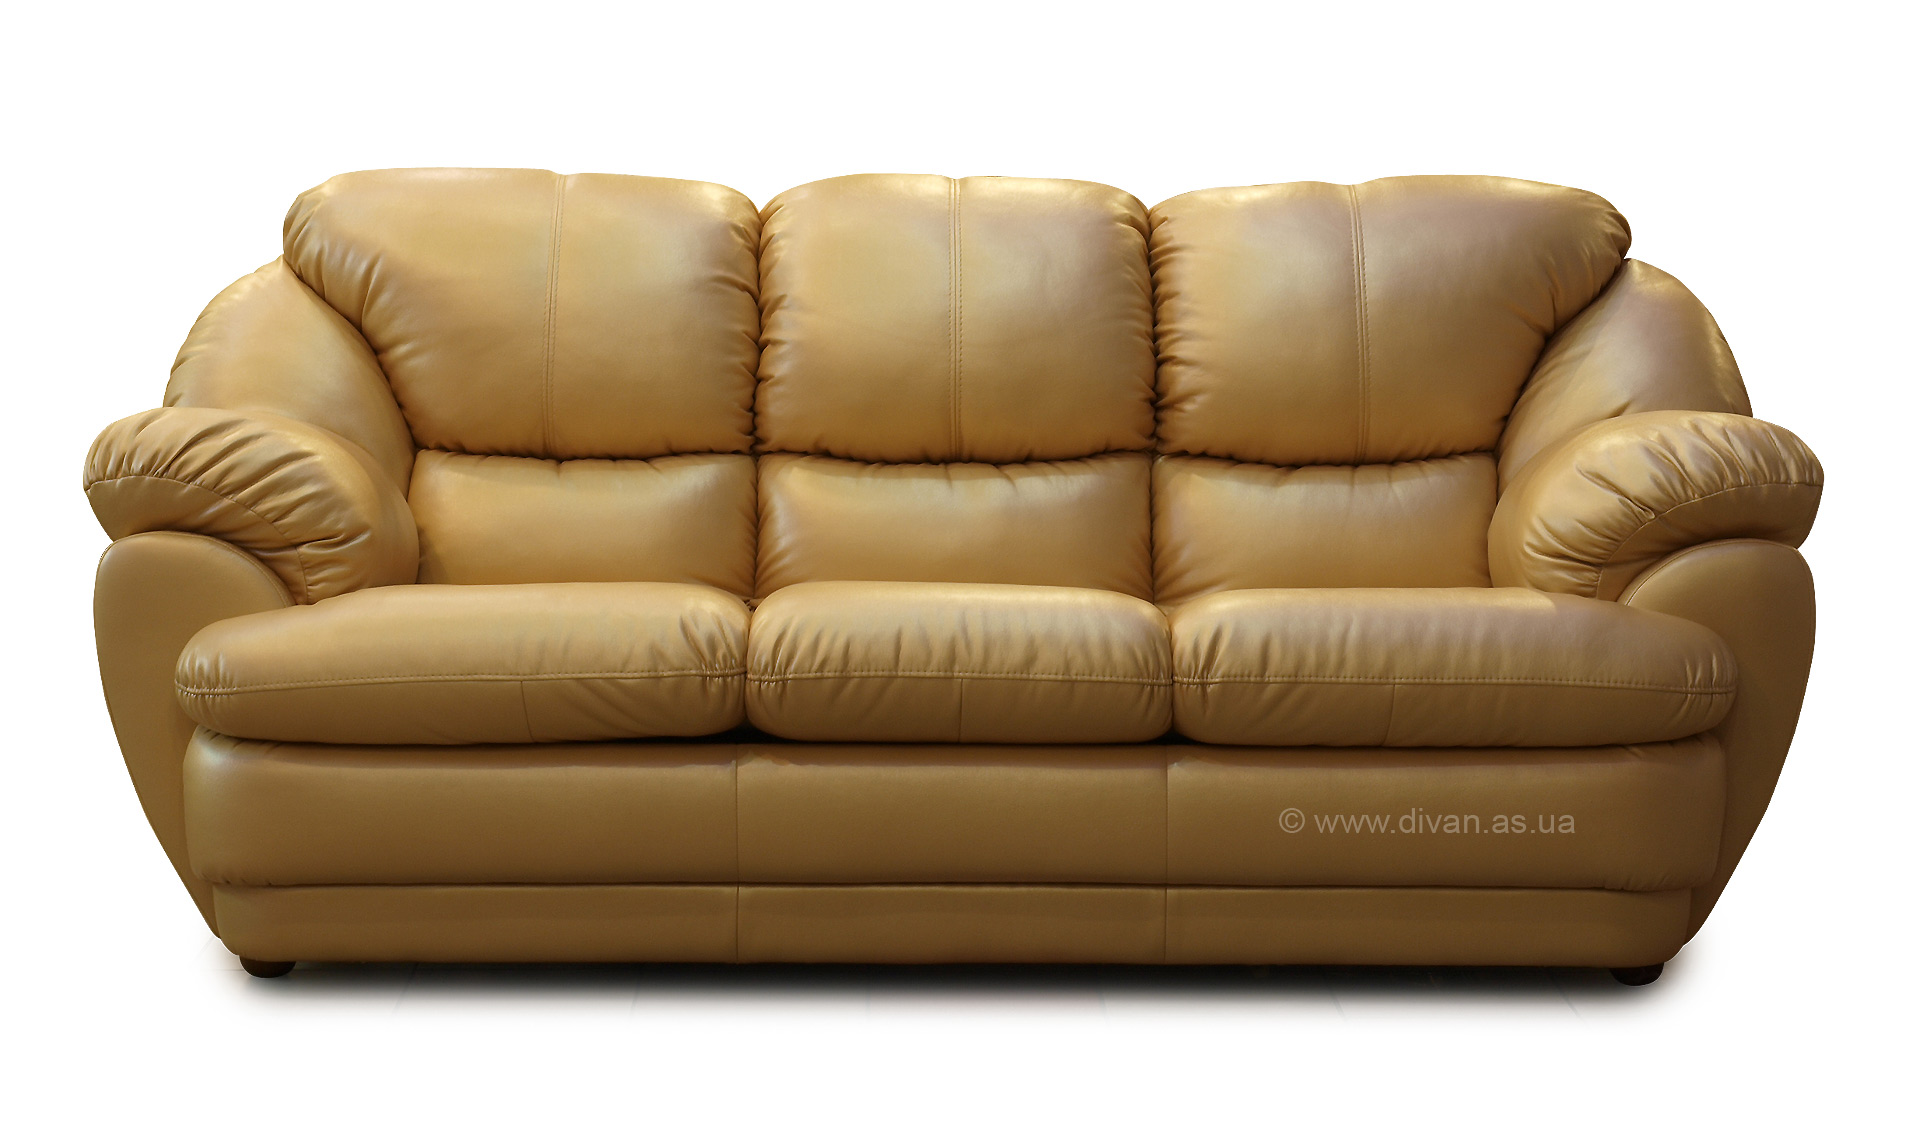 Купить диван в магазине недорого